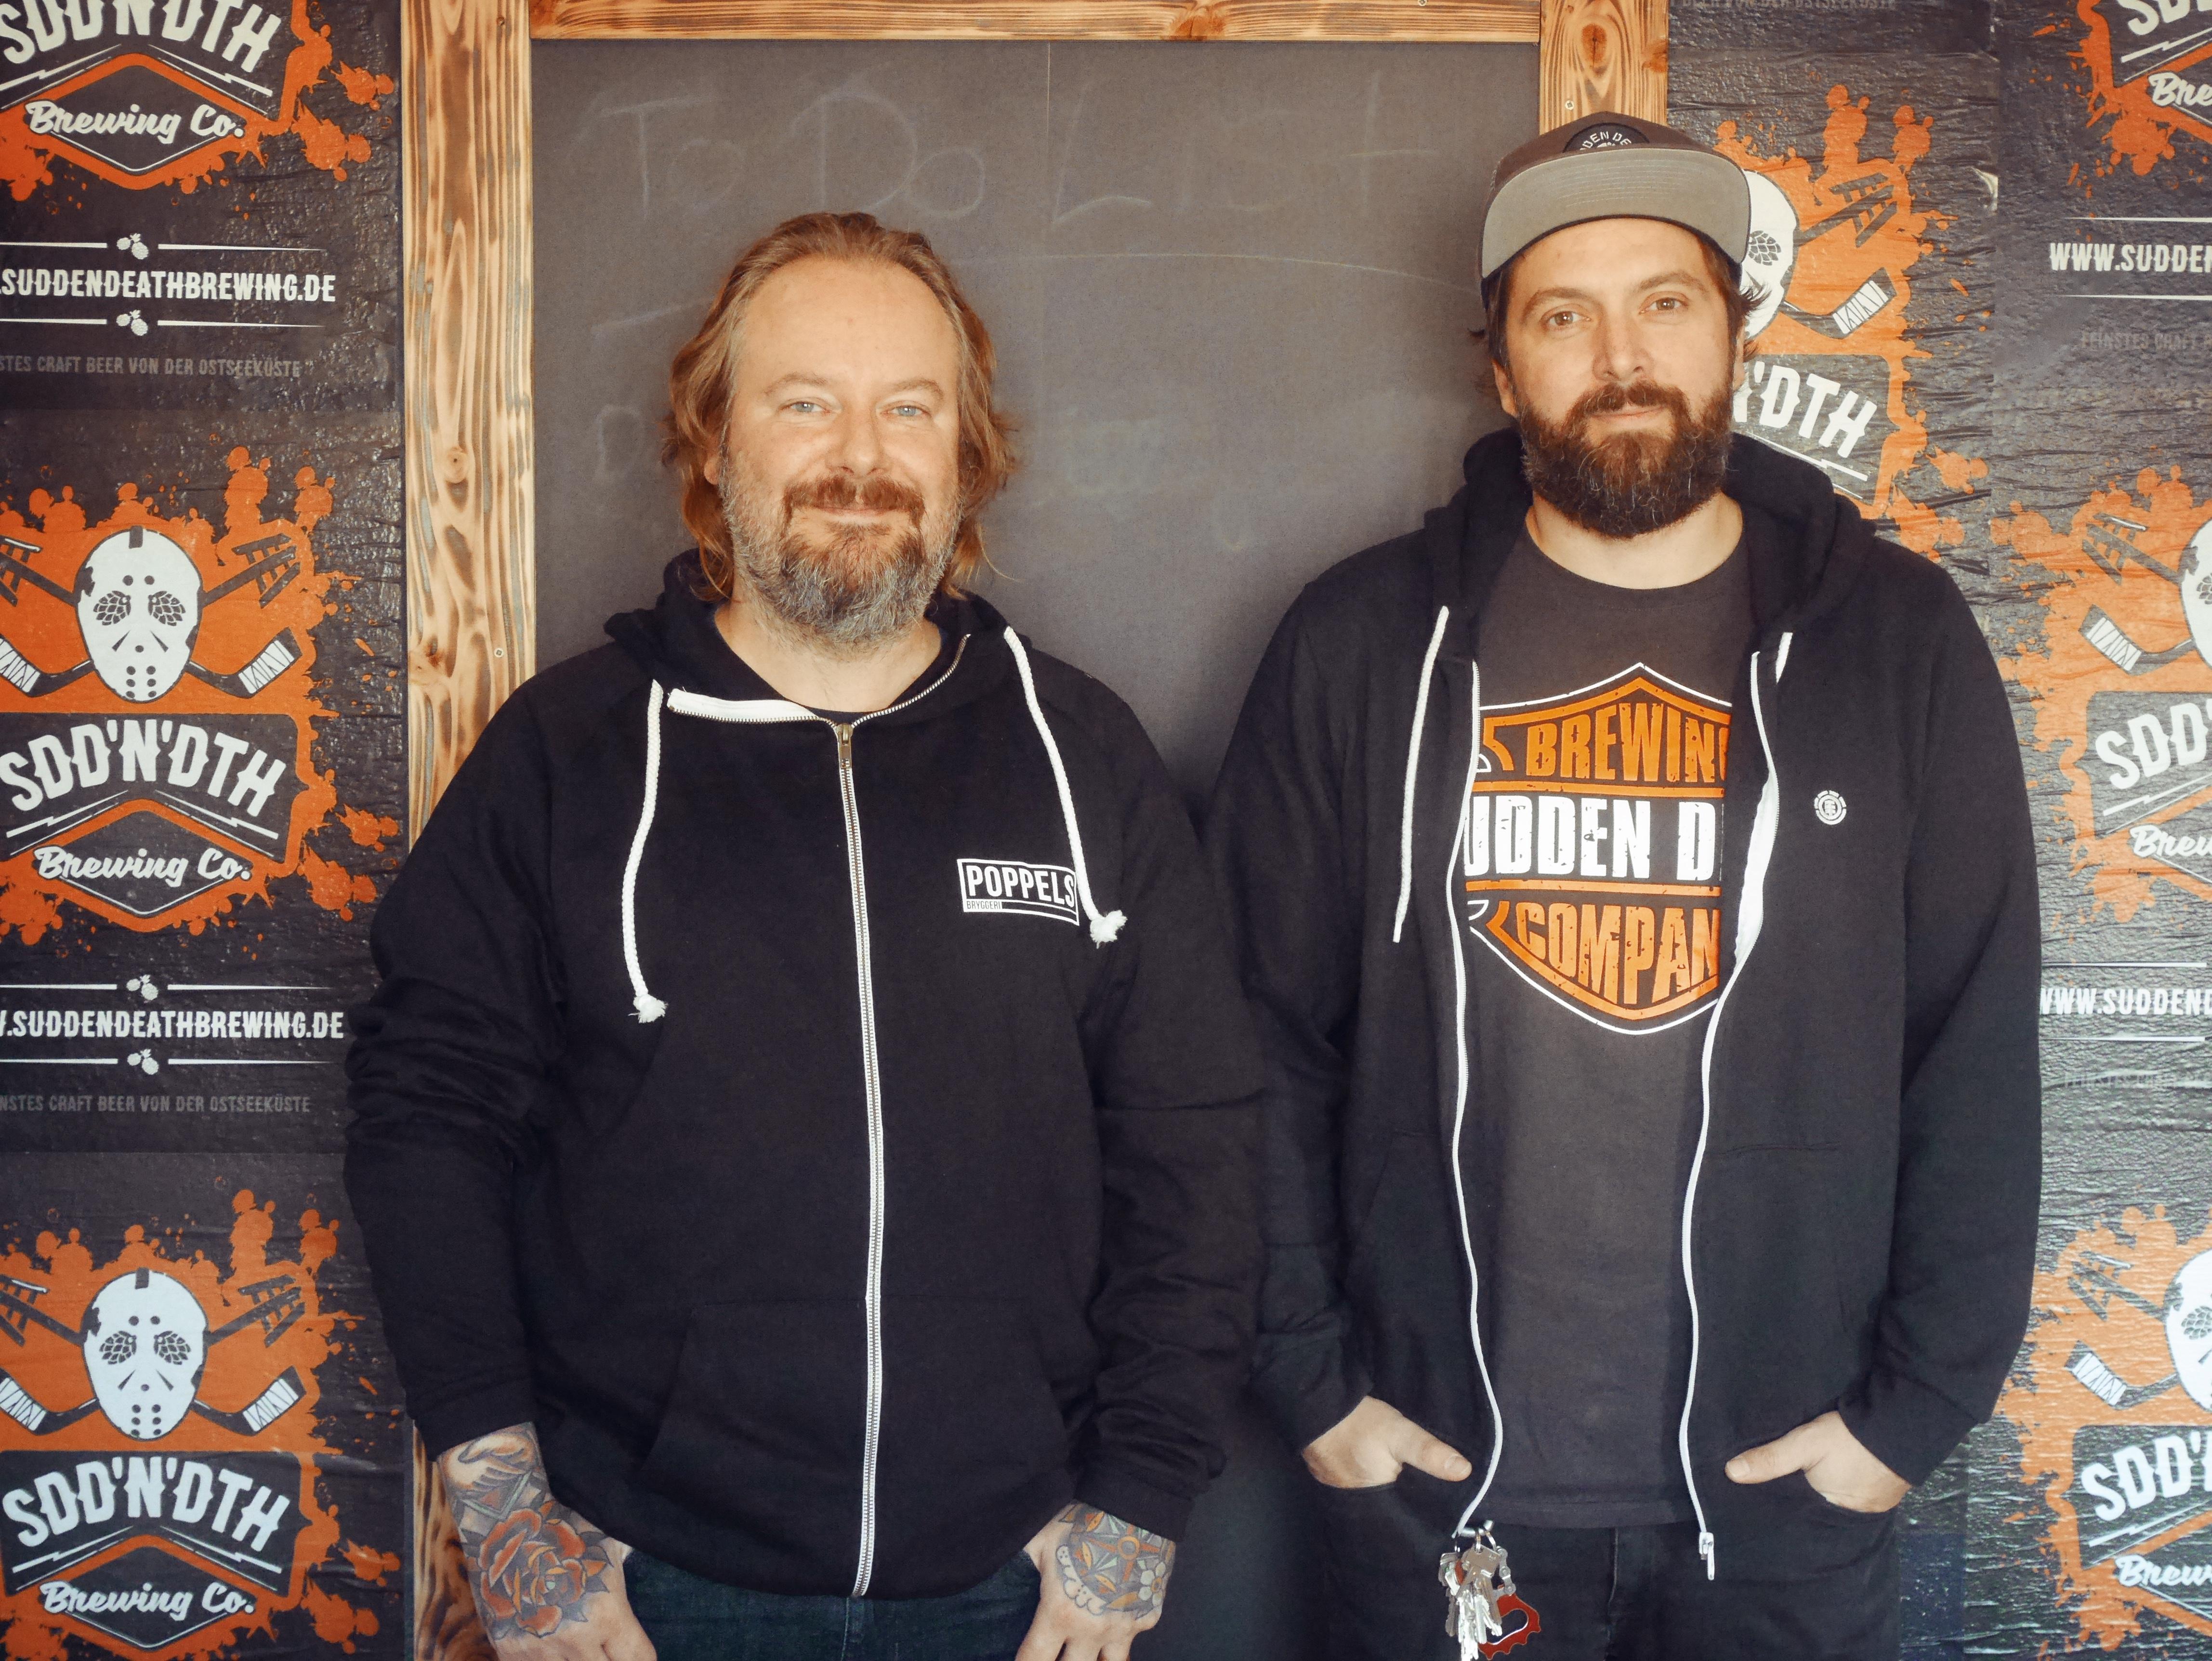 Mehr NEIPA braucht die Welt: Bier-Label-Inhaber und Brauer Oliver Schmökel (re.) und Ricky Nagel  von Sudden Death